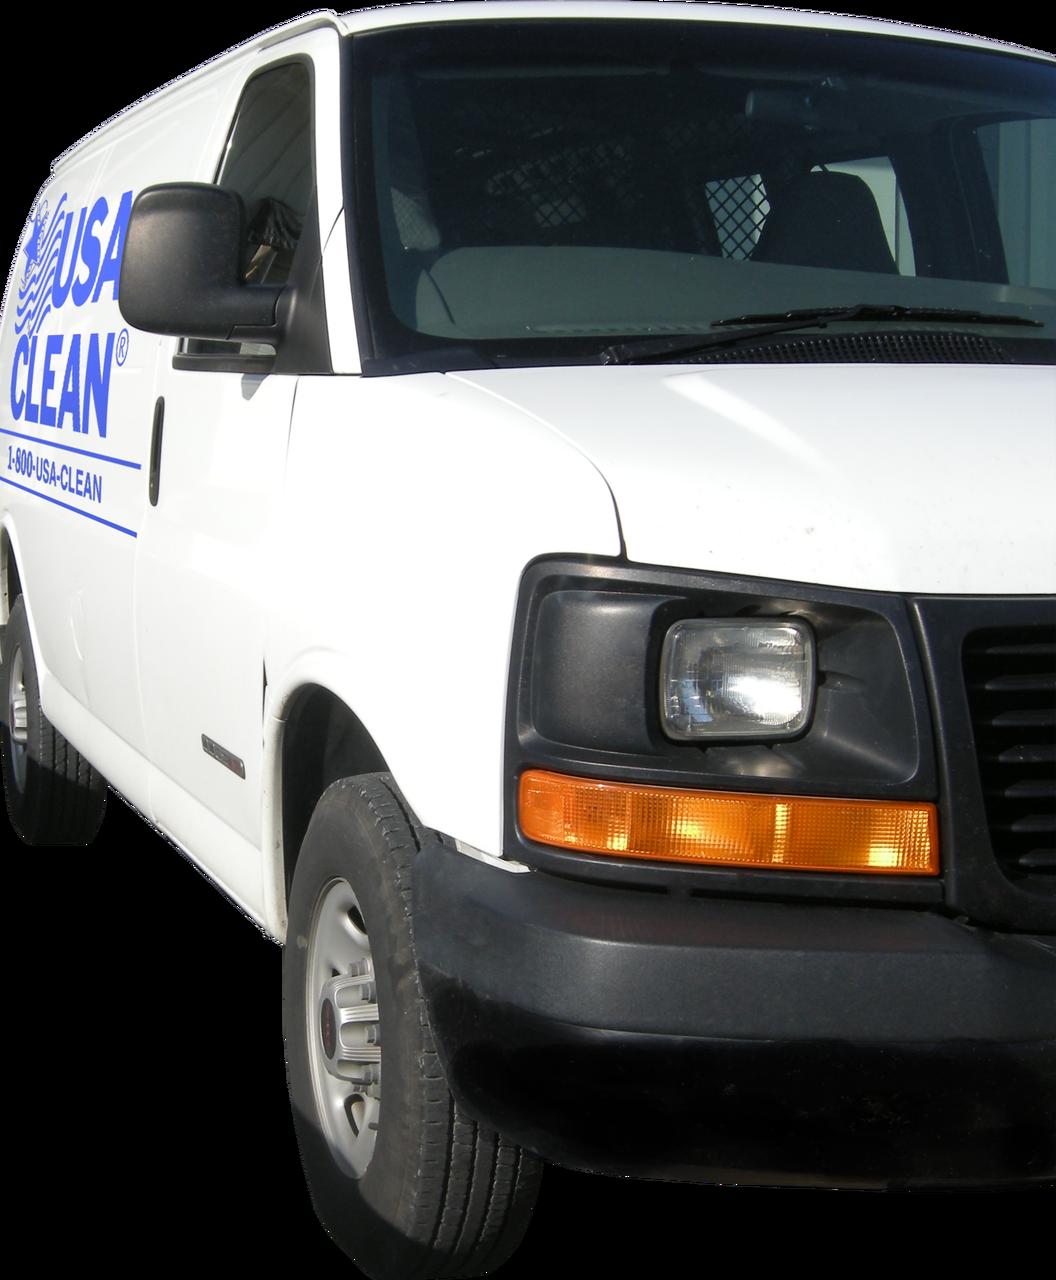 van-usa-clean-74128.1588357747.1280.1280.png